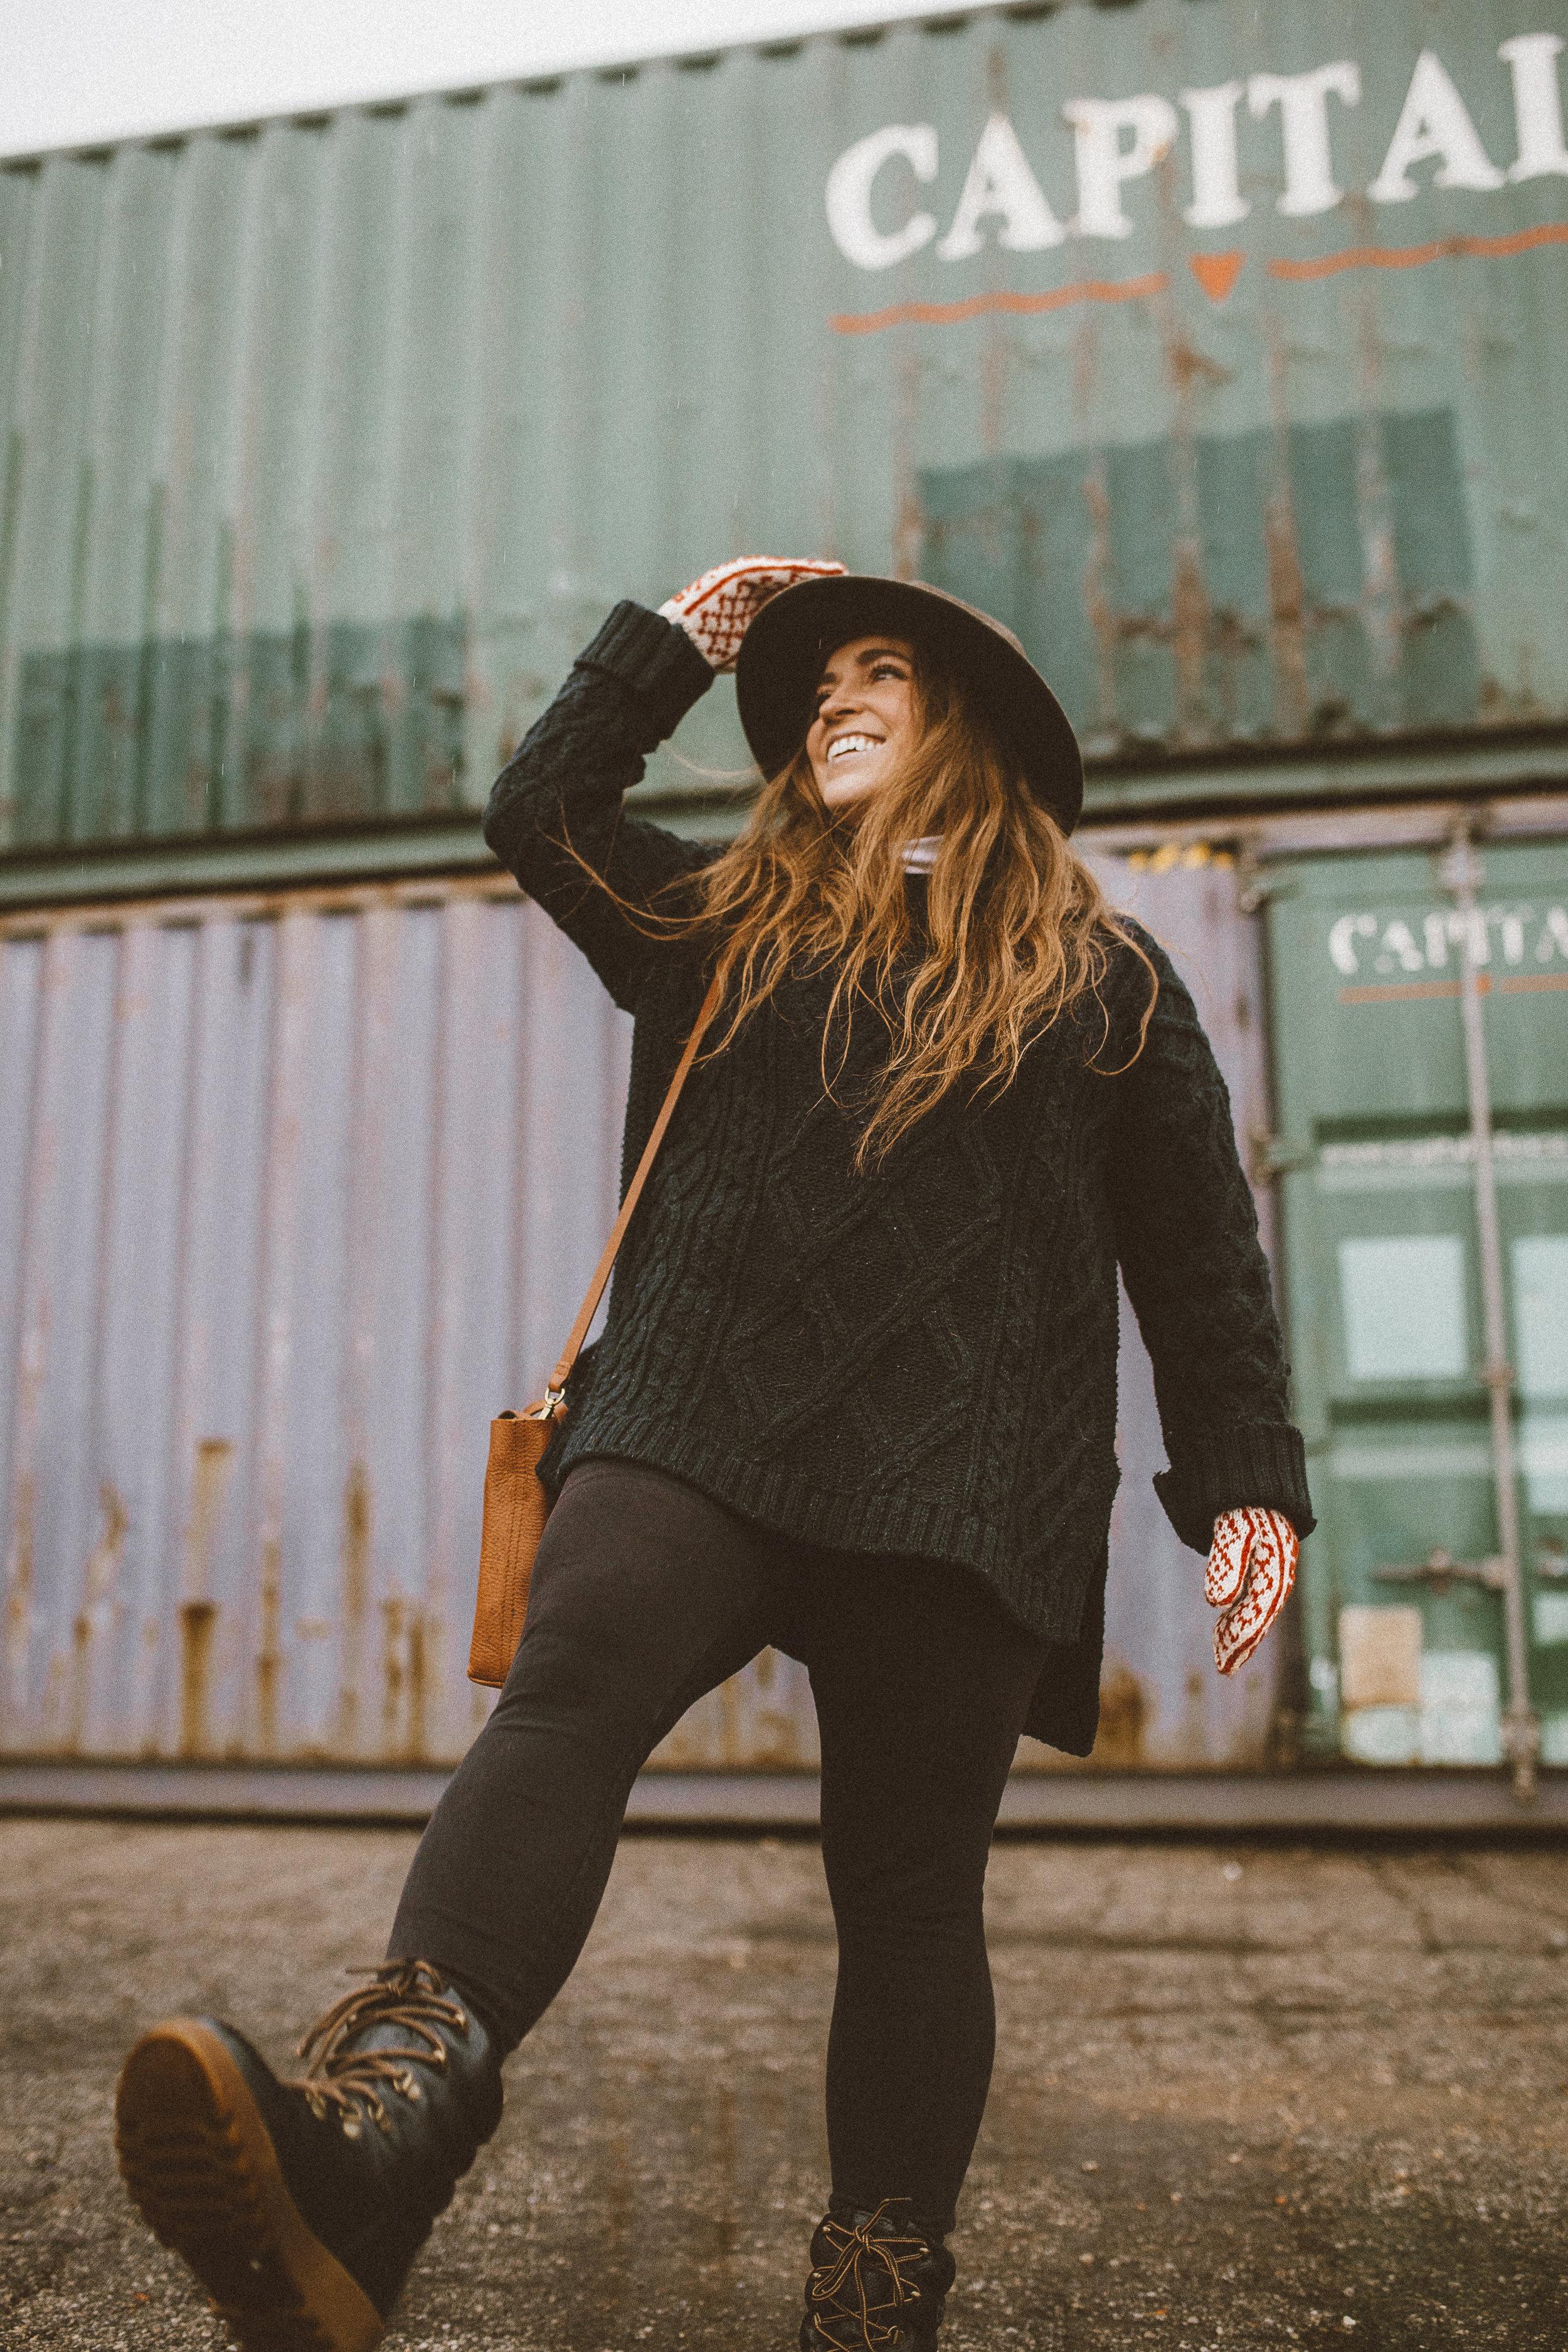 cougar sundance fashion snow boots-16.jpg